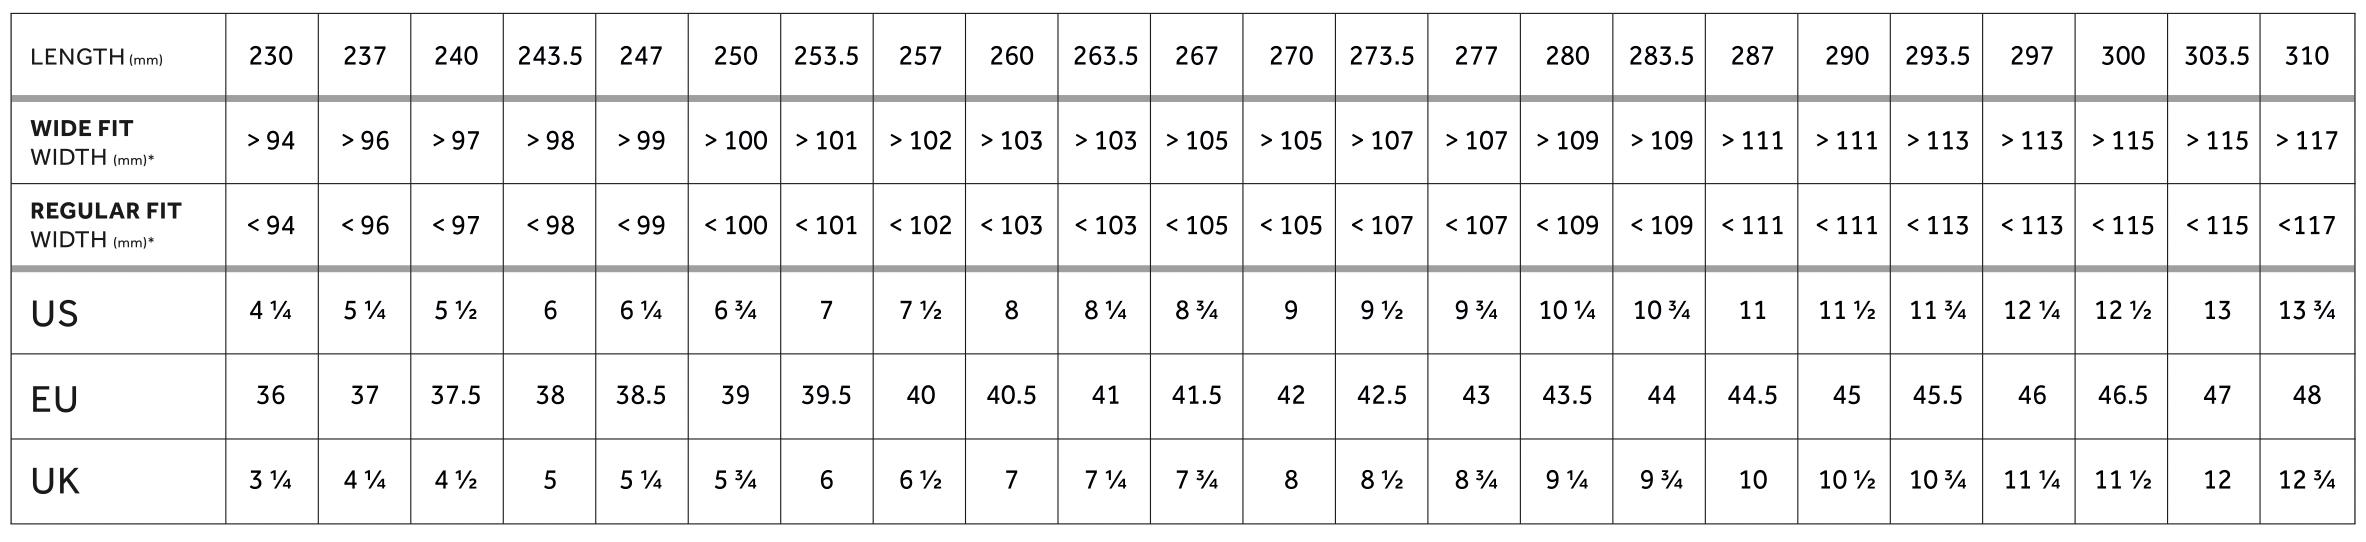 Velikostni tabulka pro tretry Fizik